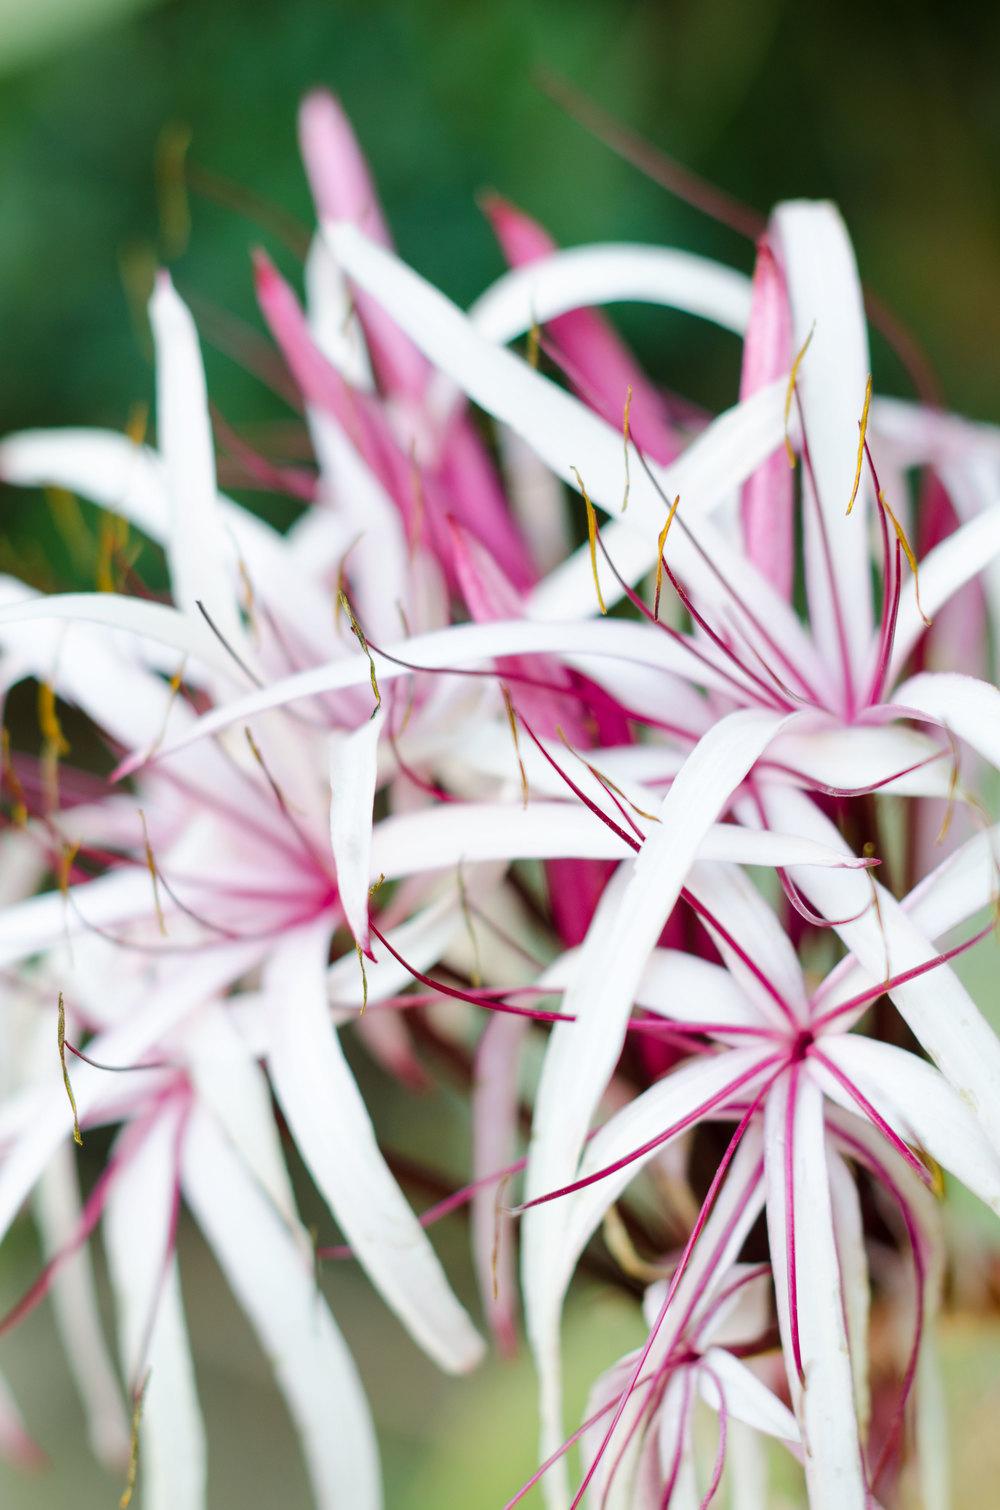 Flower-casenruiz.jpg